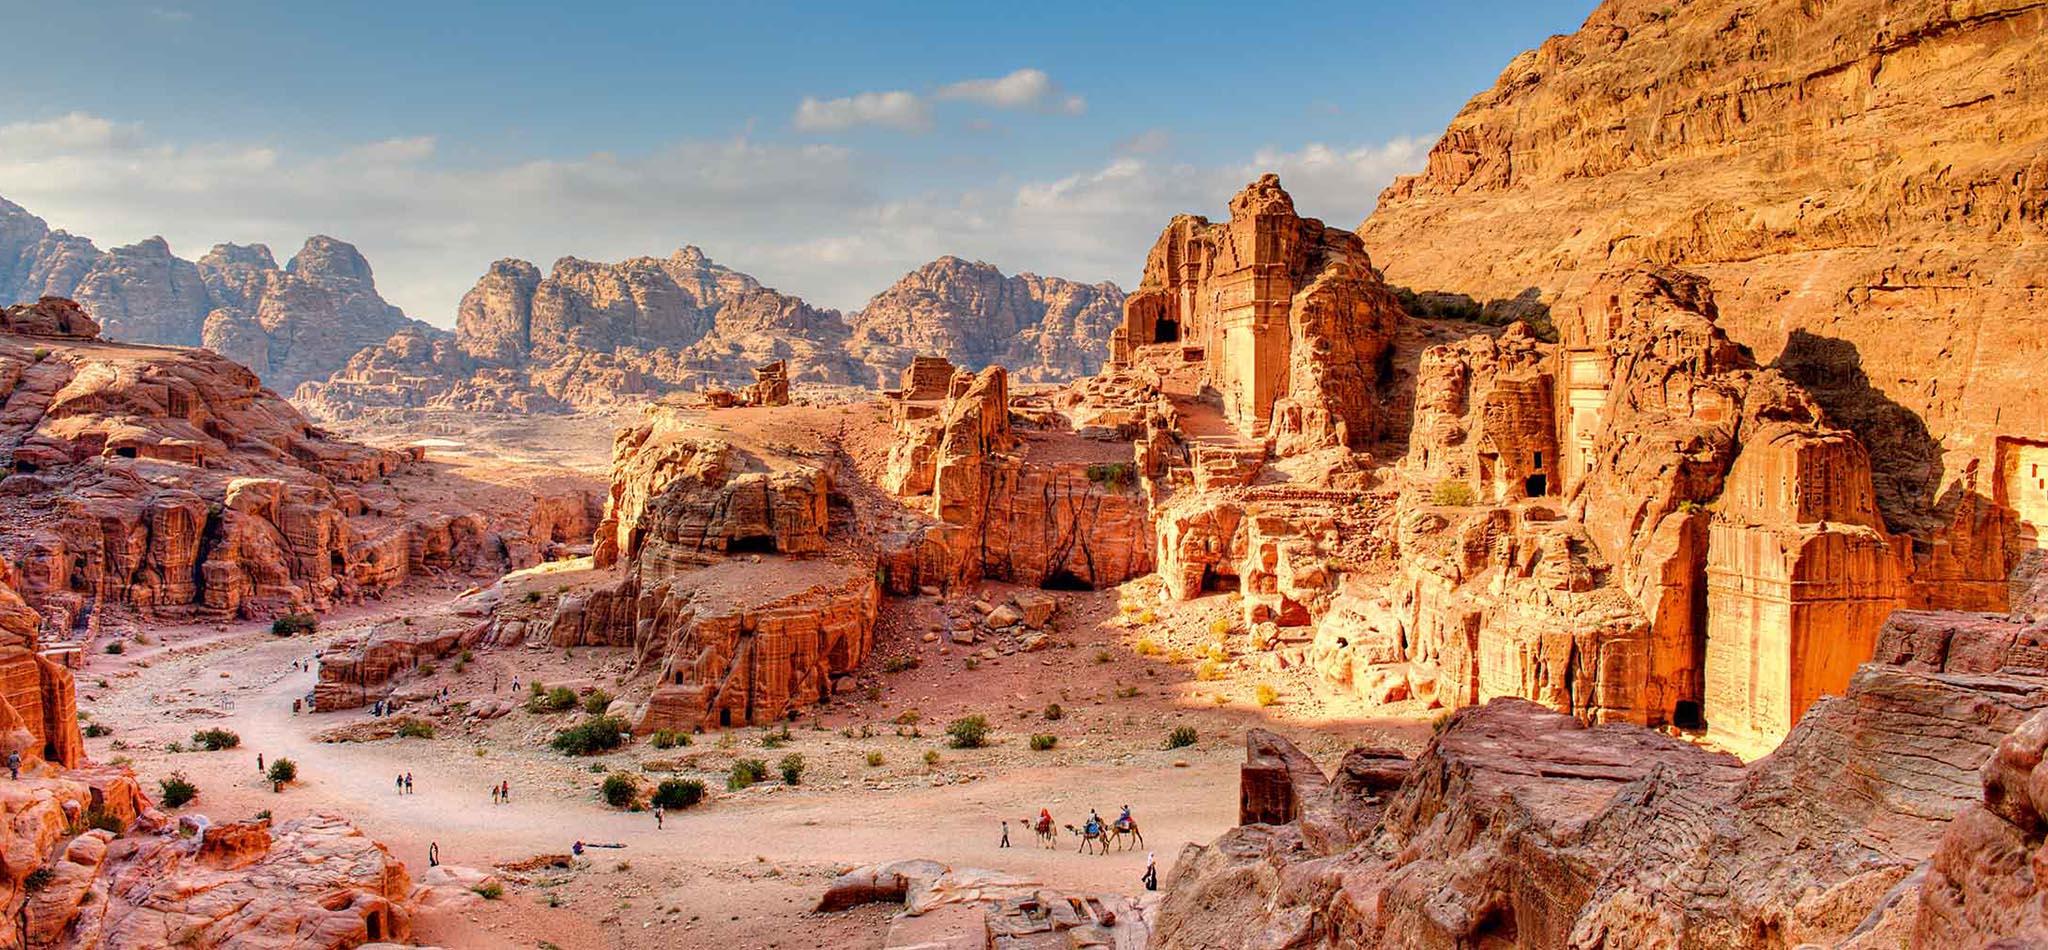 Экскурсионные туры в Иорданию 2018-2019